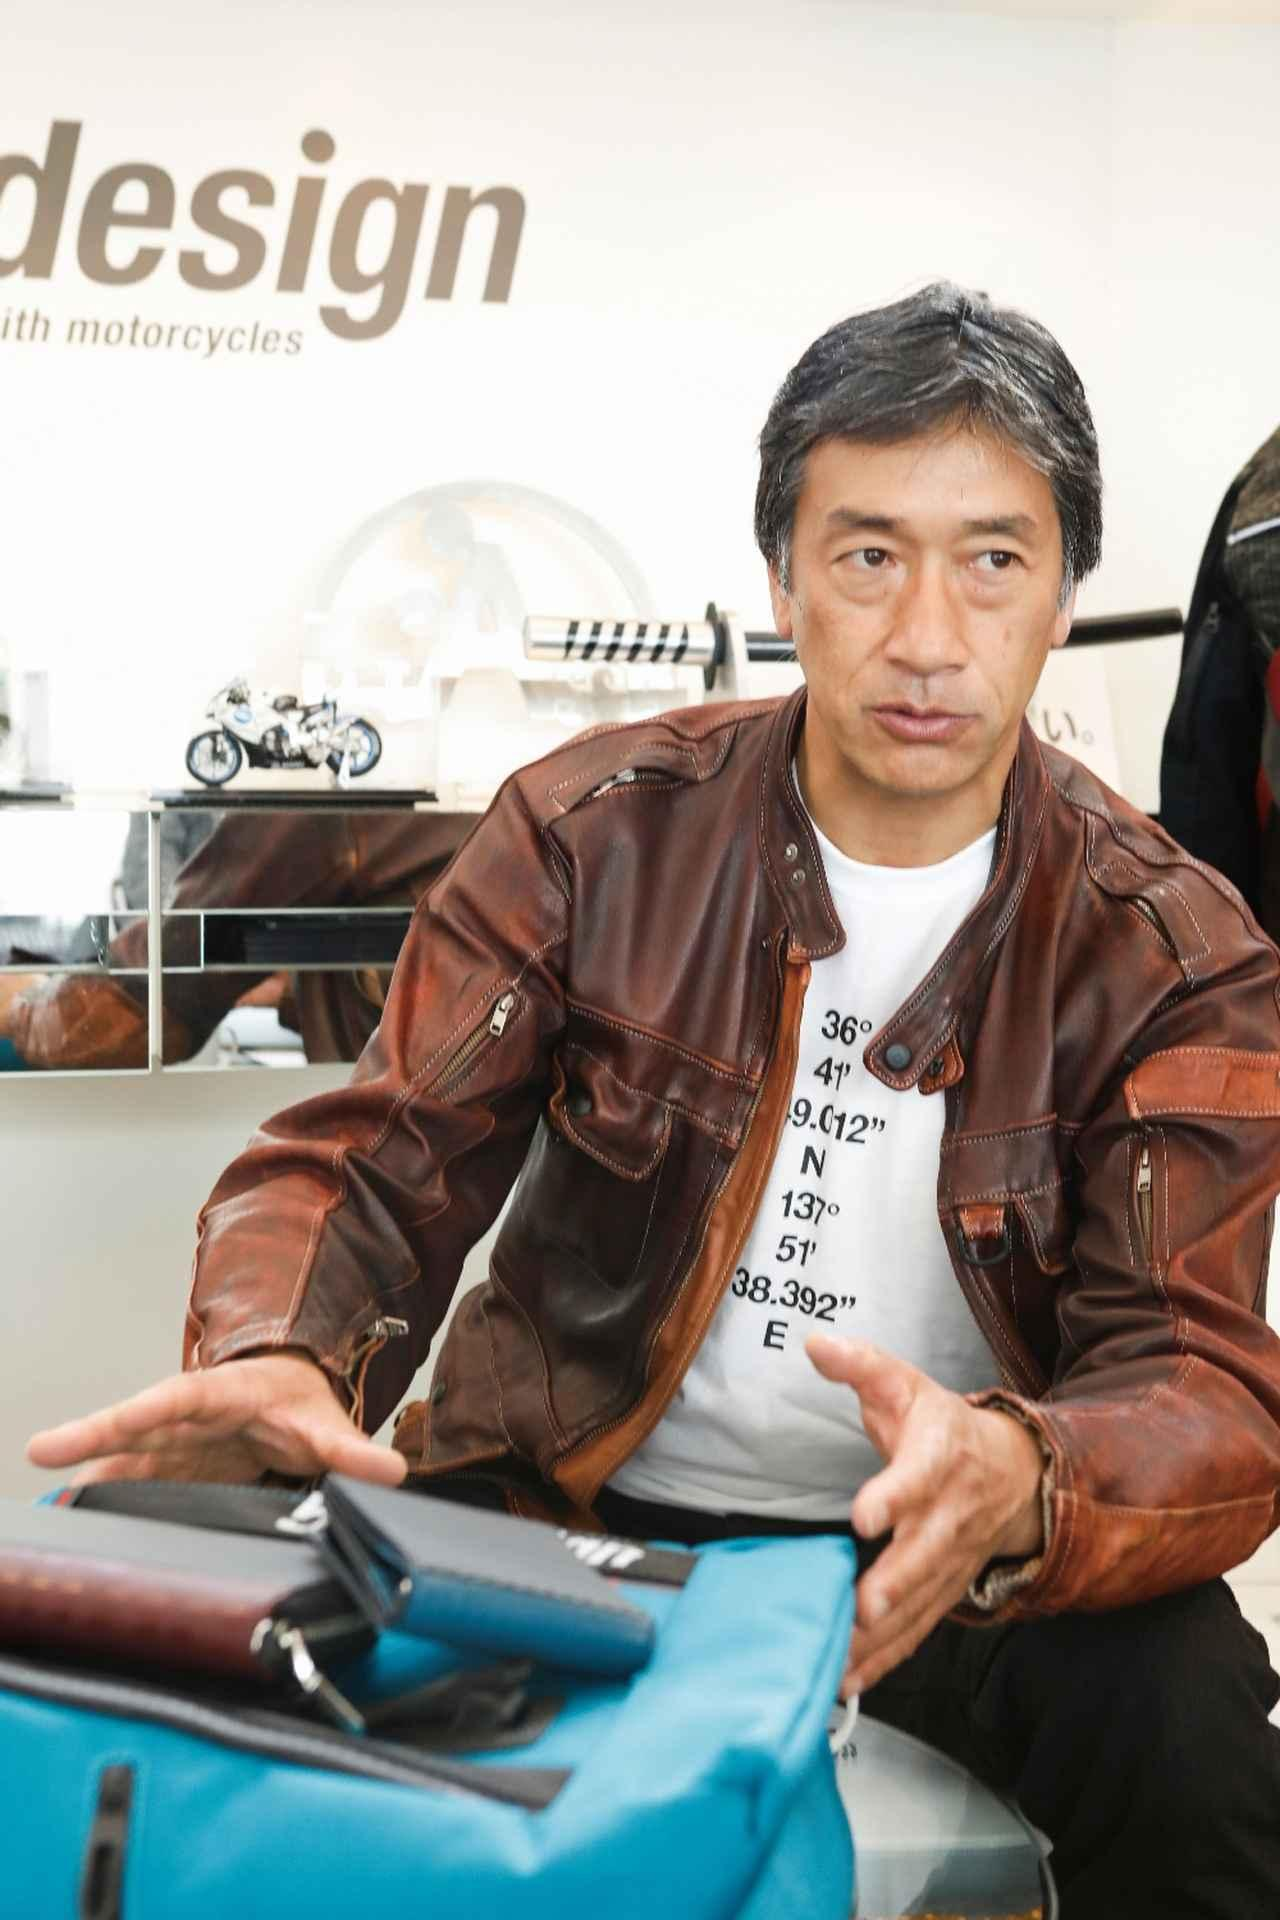 画像6: モーターカルチャー× ファッションNeu interesse バイクライフスタイルブランド56design と夢のコラボ実現